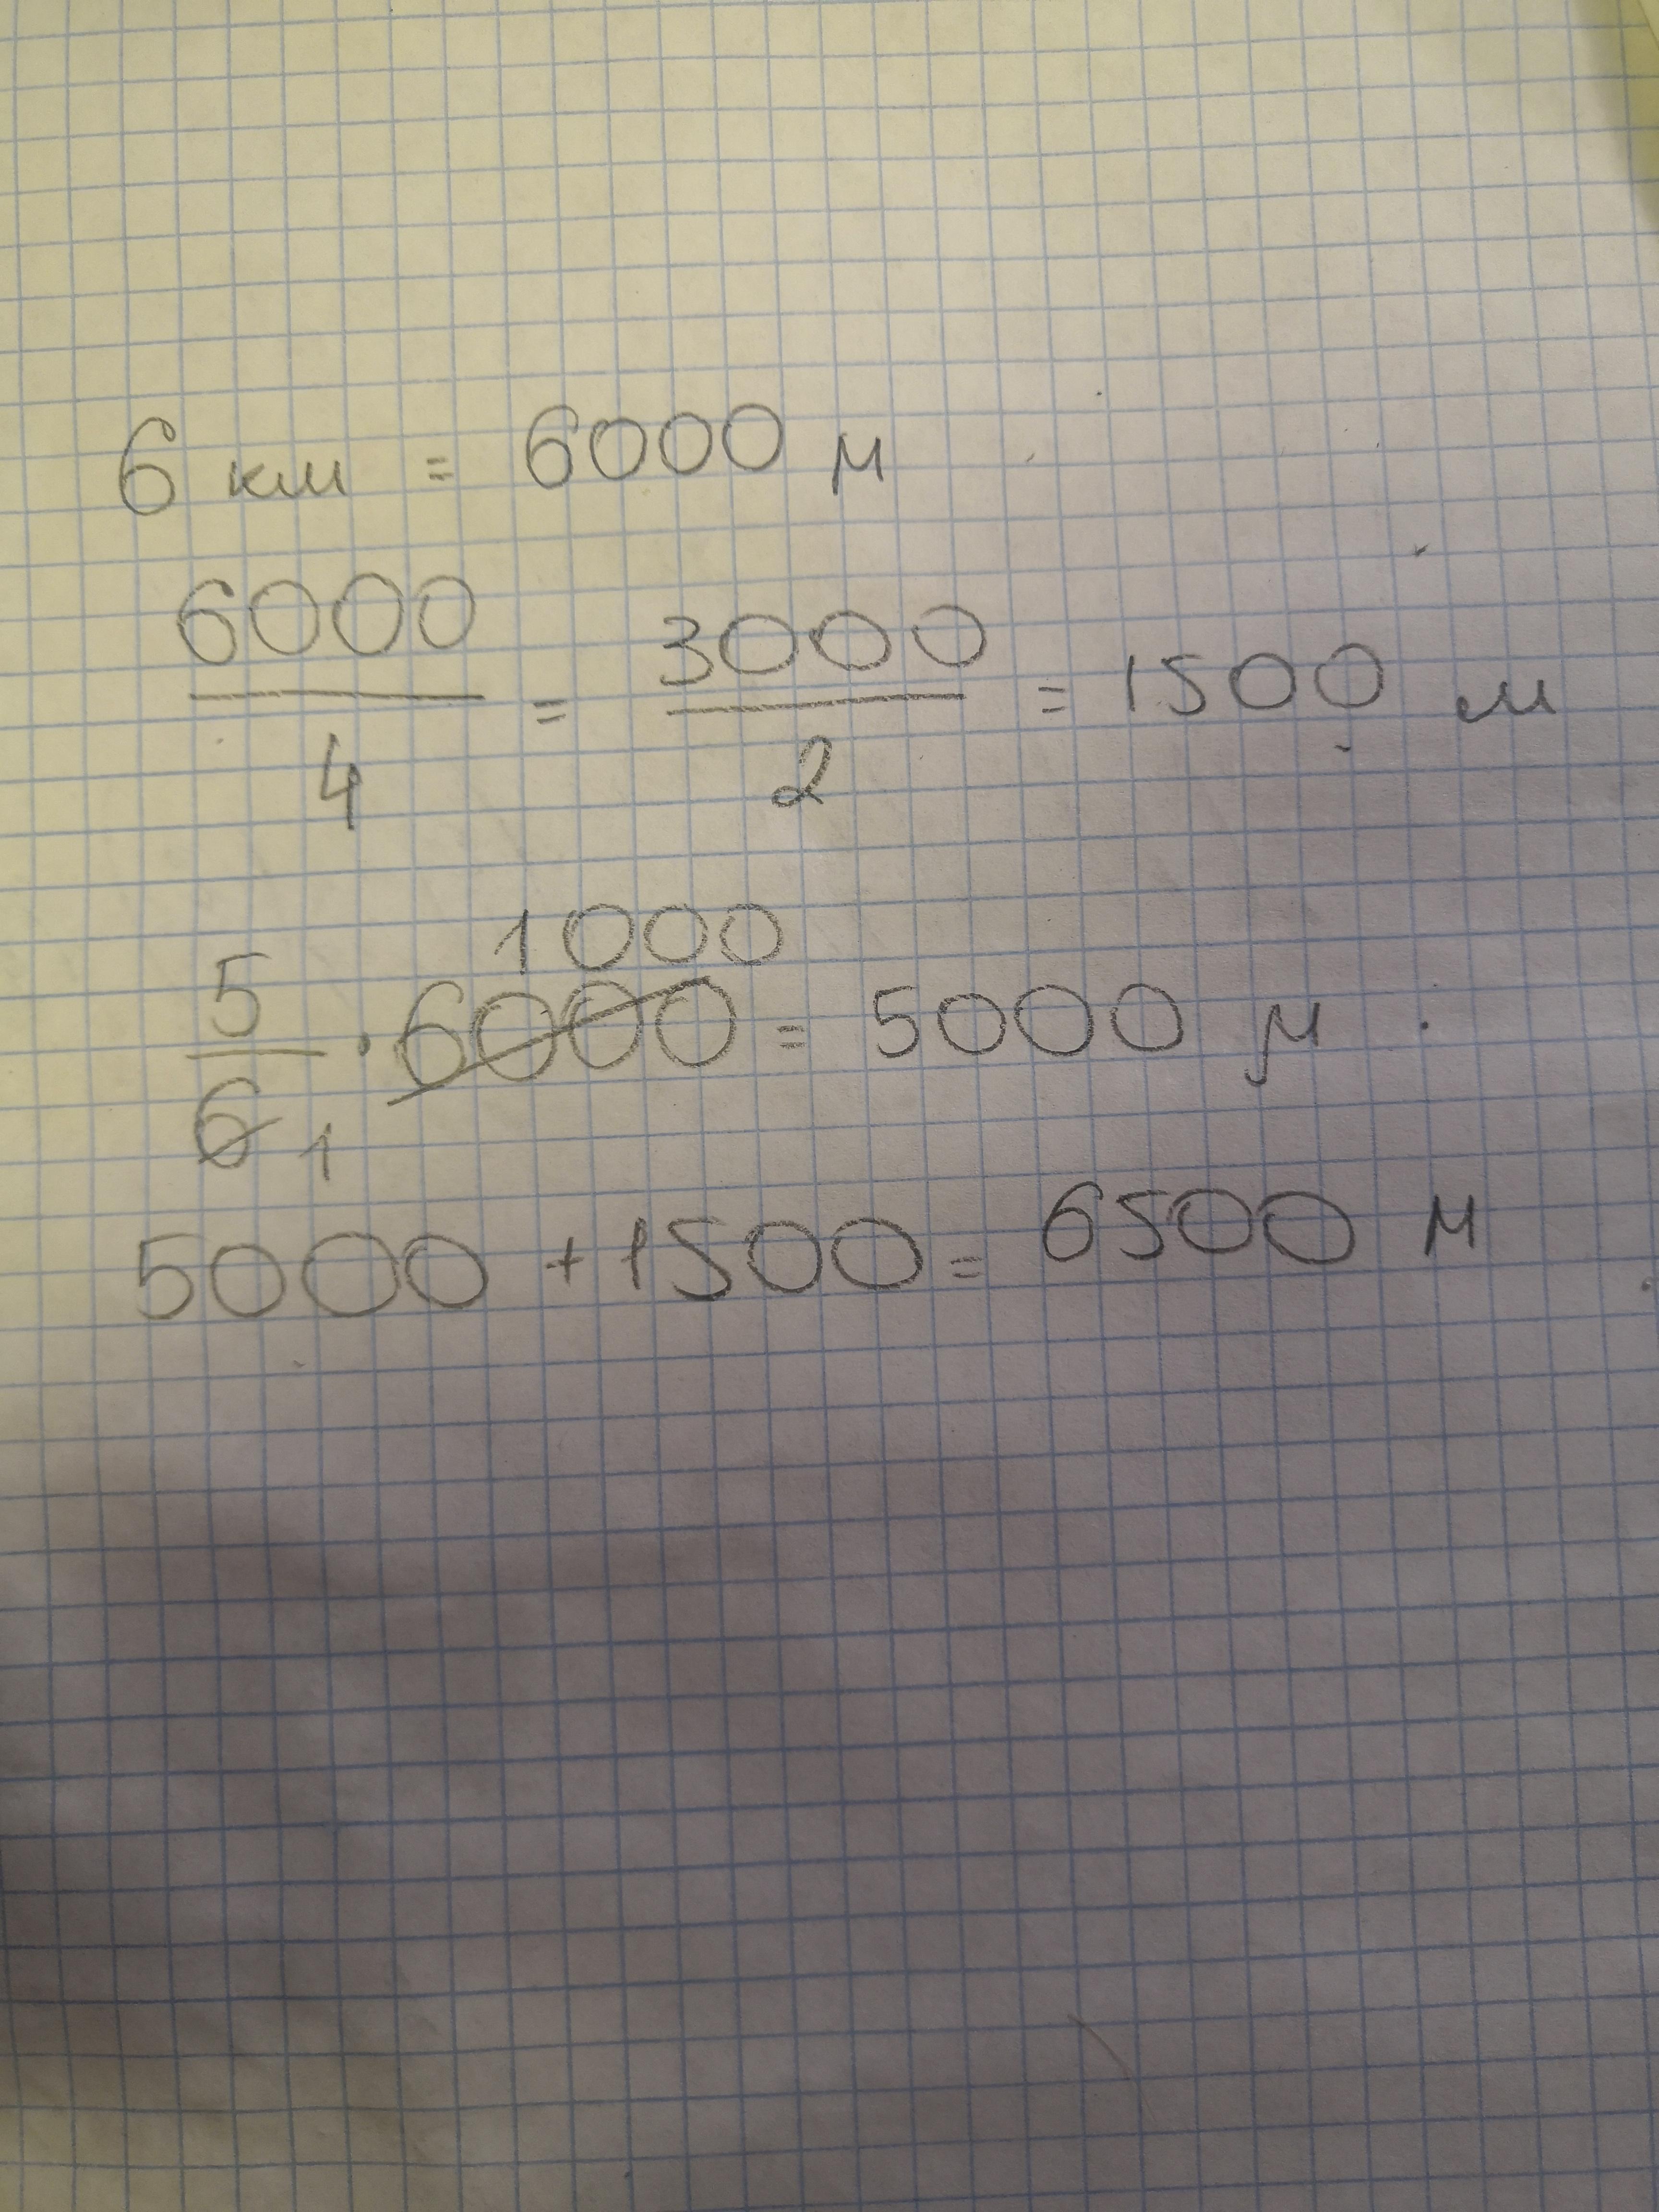 Пожалуйста помогите решить задачу по суммативное